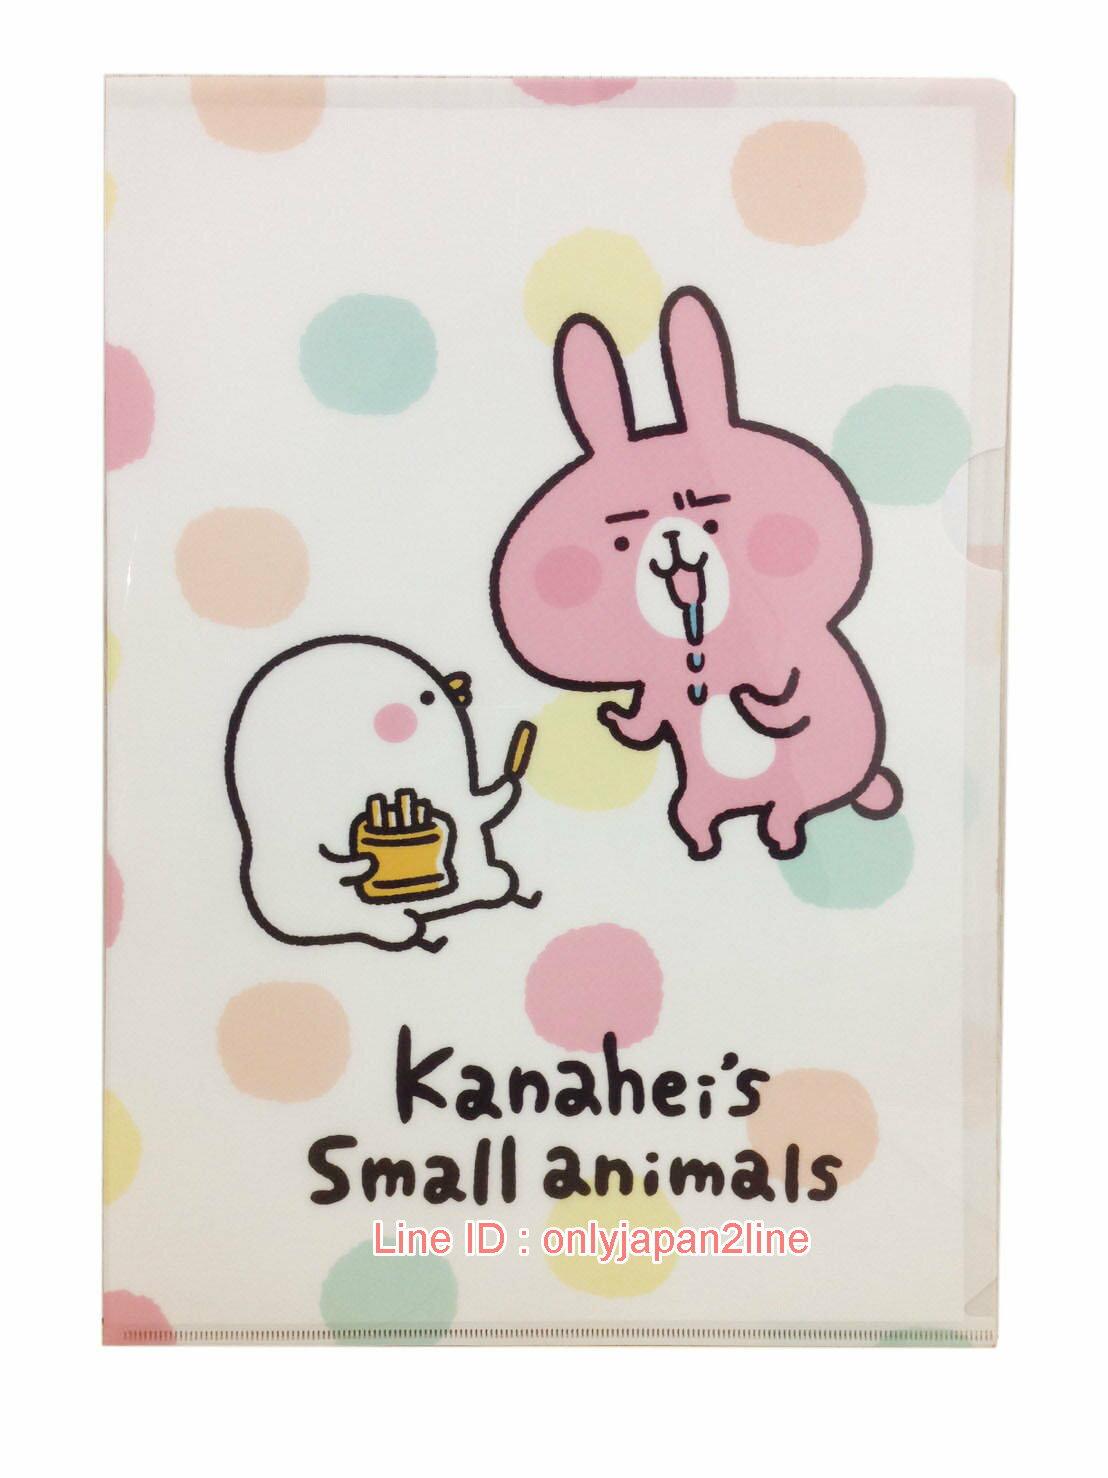 【真愛日本】17021000002卡娜赫拉L夾-薯條彩點   卡娜赫拉 全家 FamilyMart  資料夾 L夾  文具